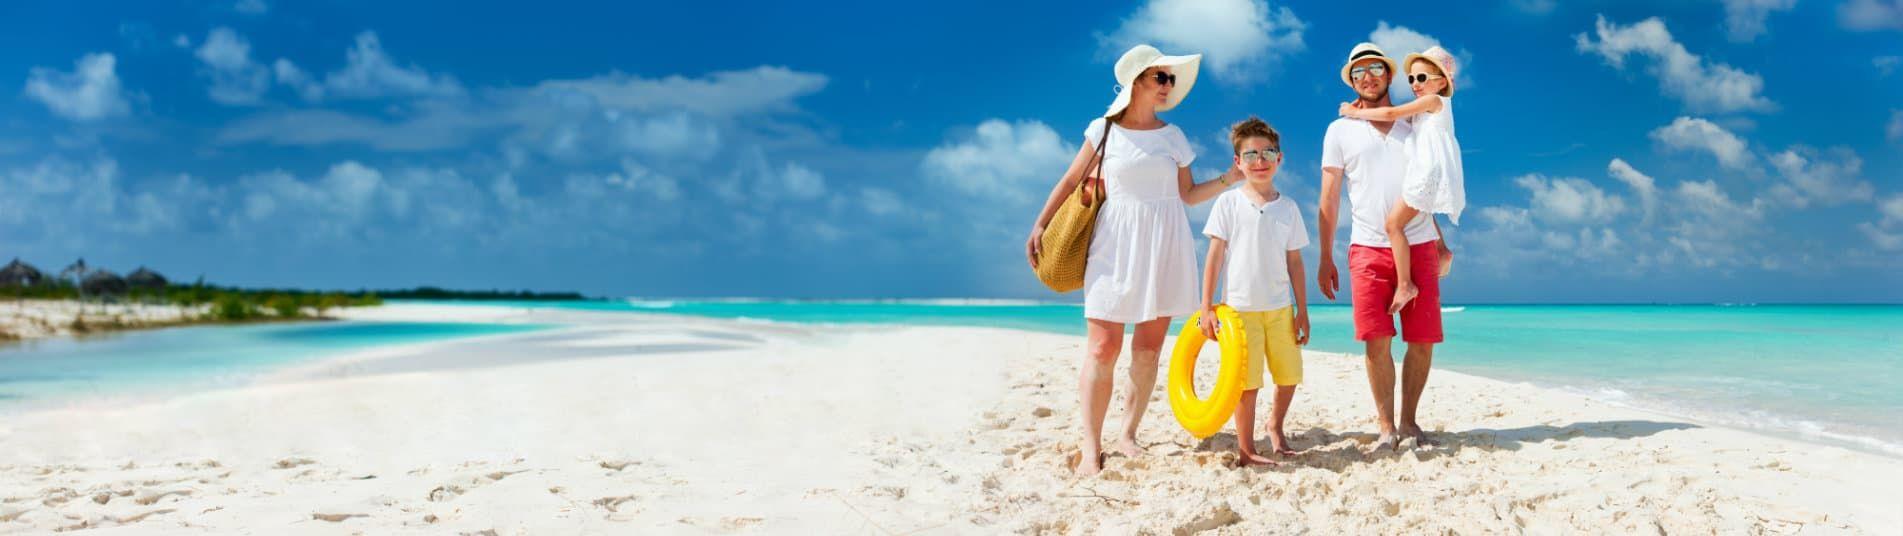 Famille sur une plage des Caraibes